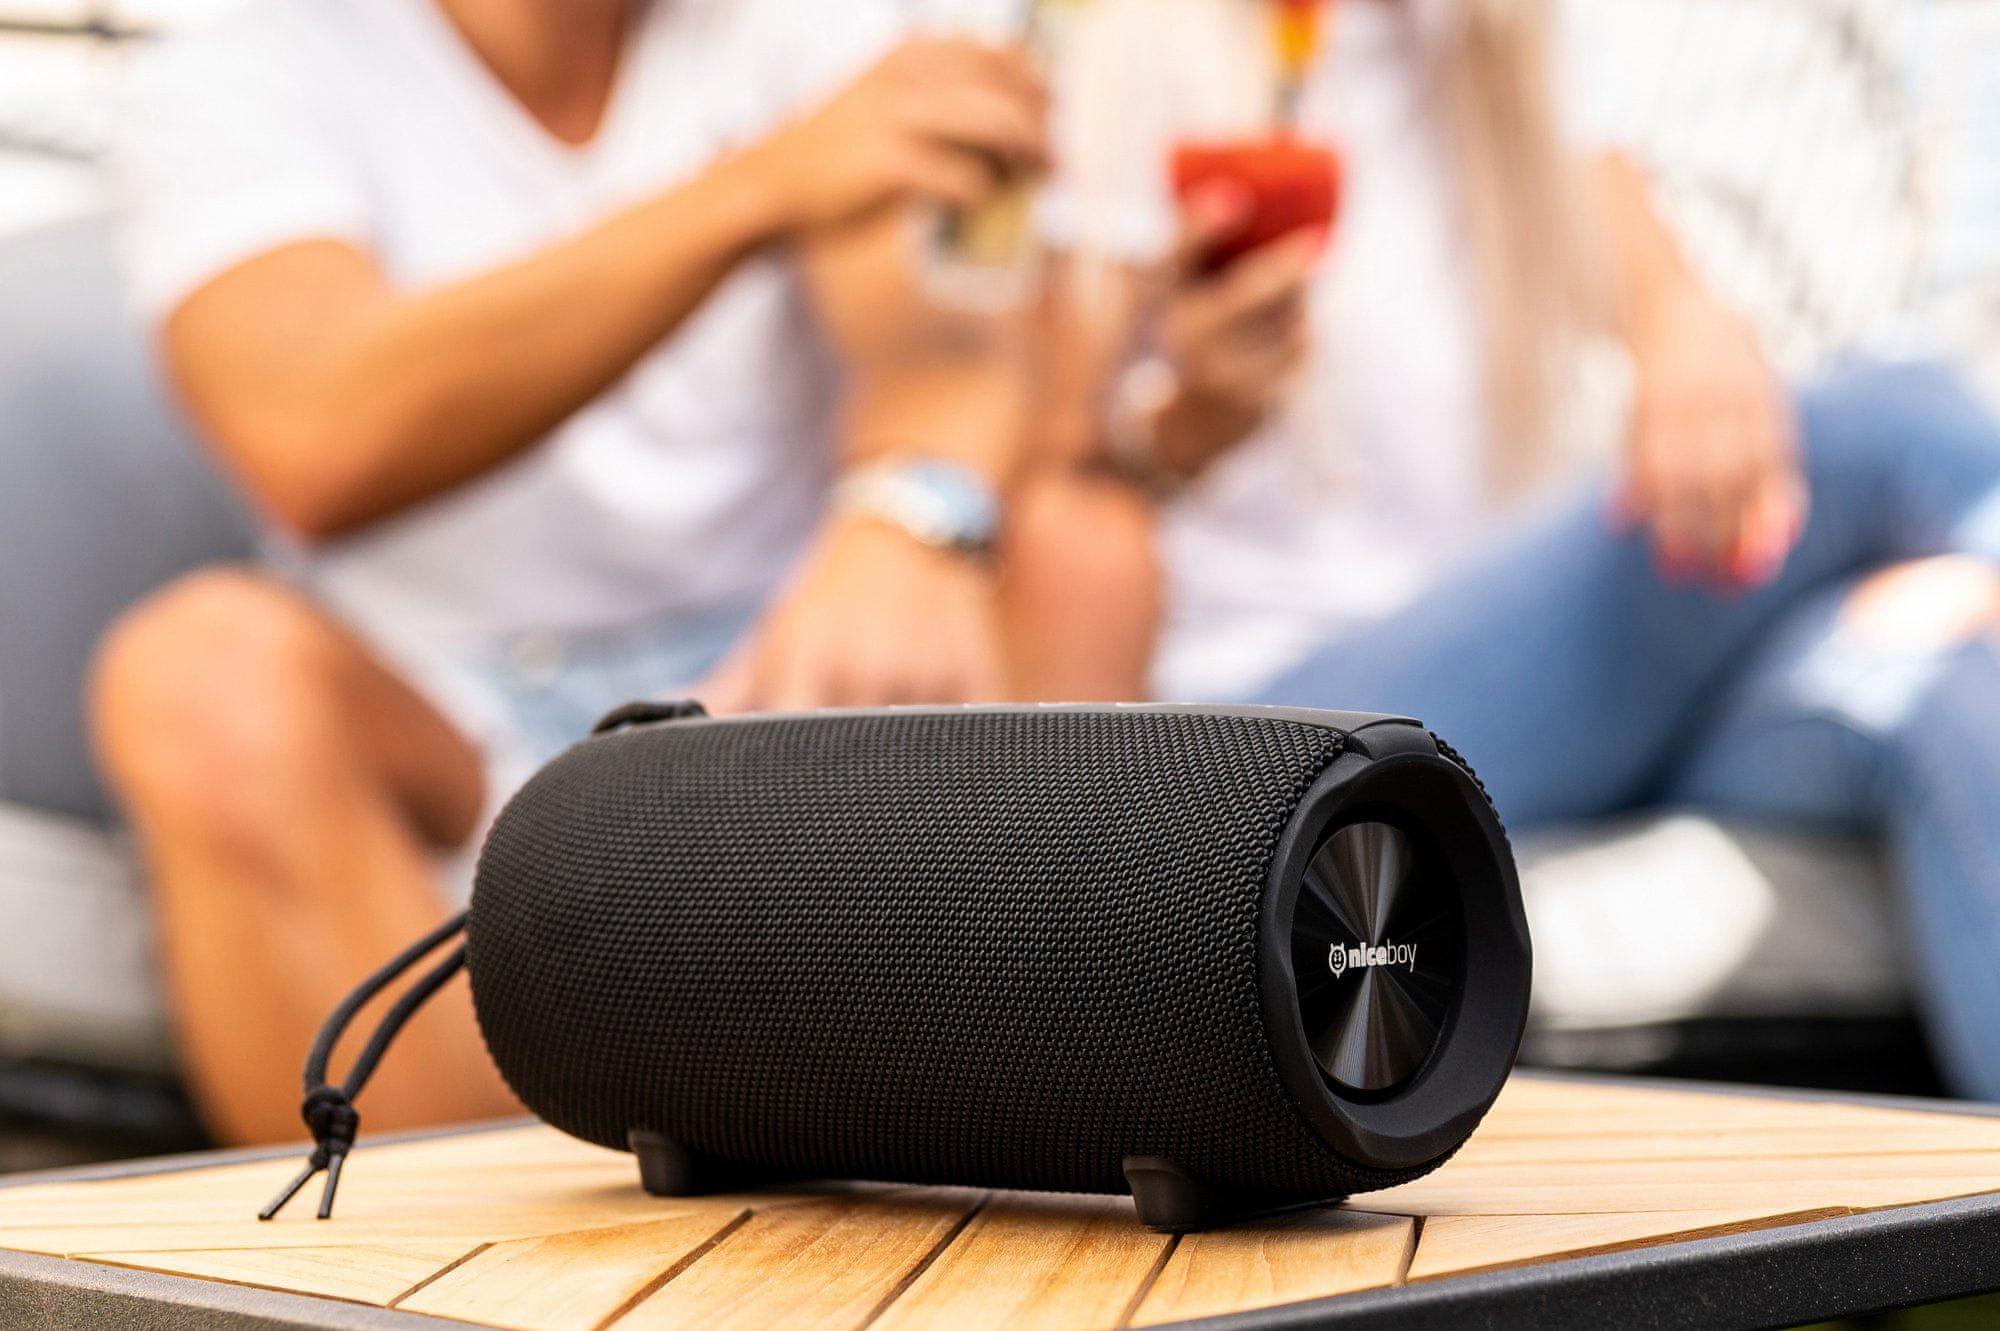 niceboy raze 3 titan reproduktor se skvělým výkonem 50 w doma i venku skvělý zvuk maxxbass technologie pro výrazné basy hraje až 15 h na nabití krytí ip67 powerbanka fm rádio výdrž 15 h na nabití Bluetooth 5.0 microsd slot usb vstup audiokabel aux in vstup handsfree funkce true wireless spárování s dalším repráčkem